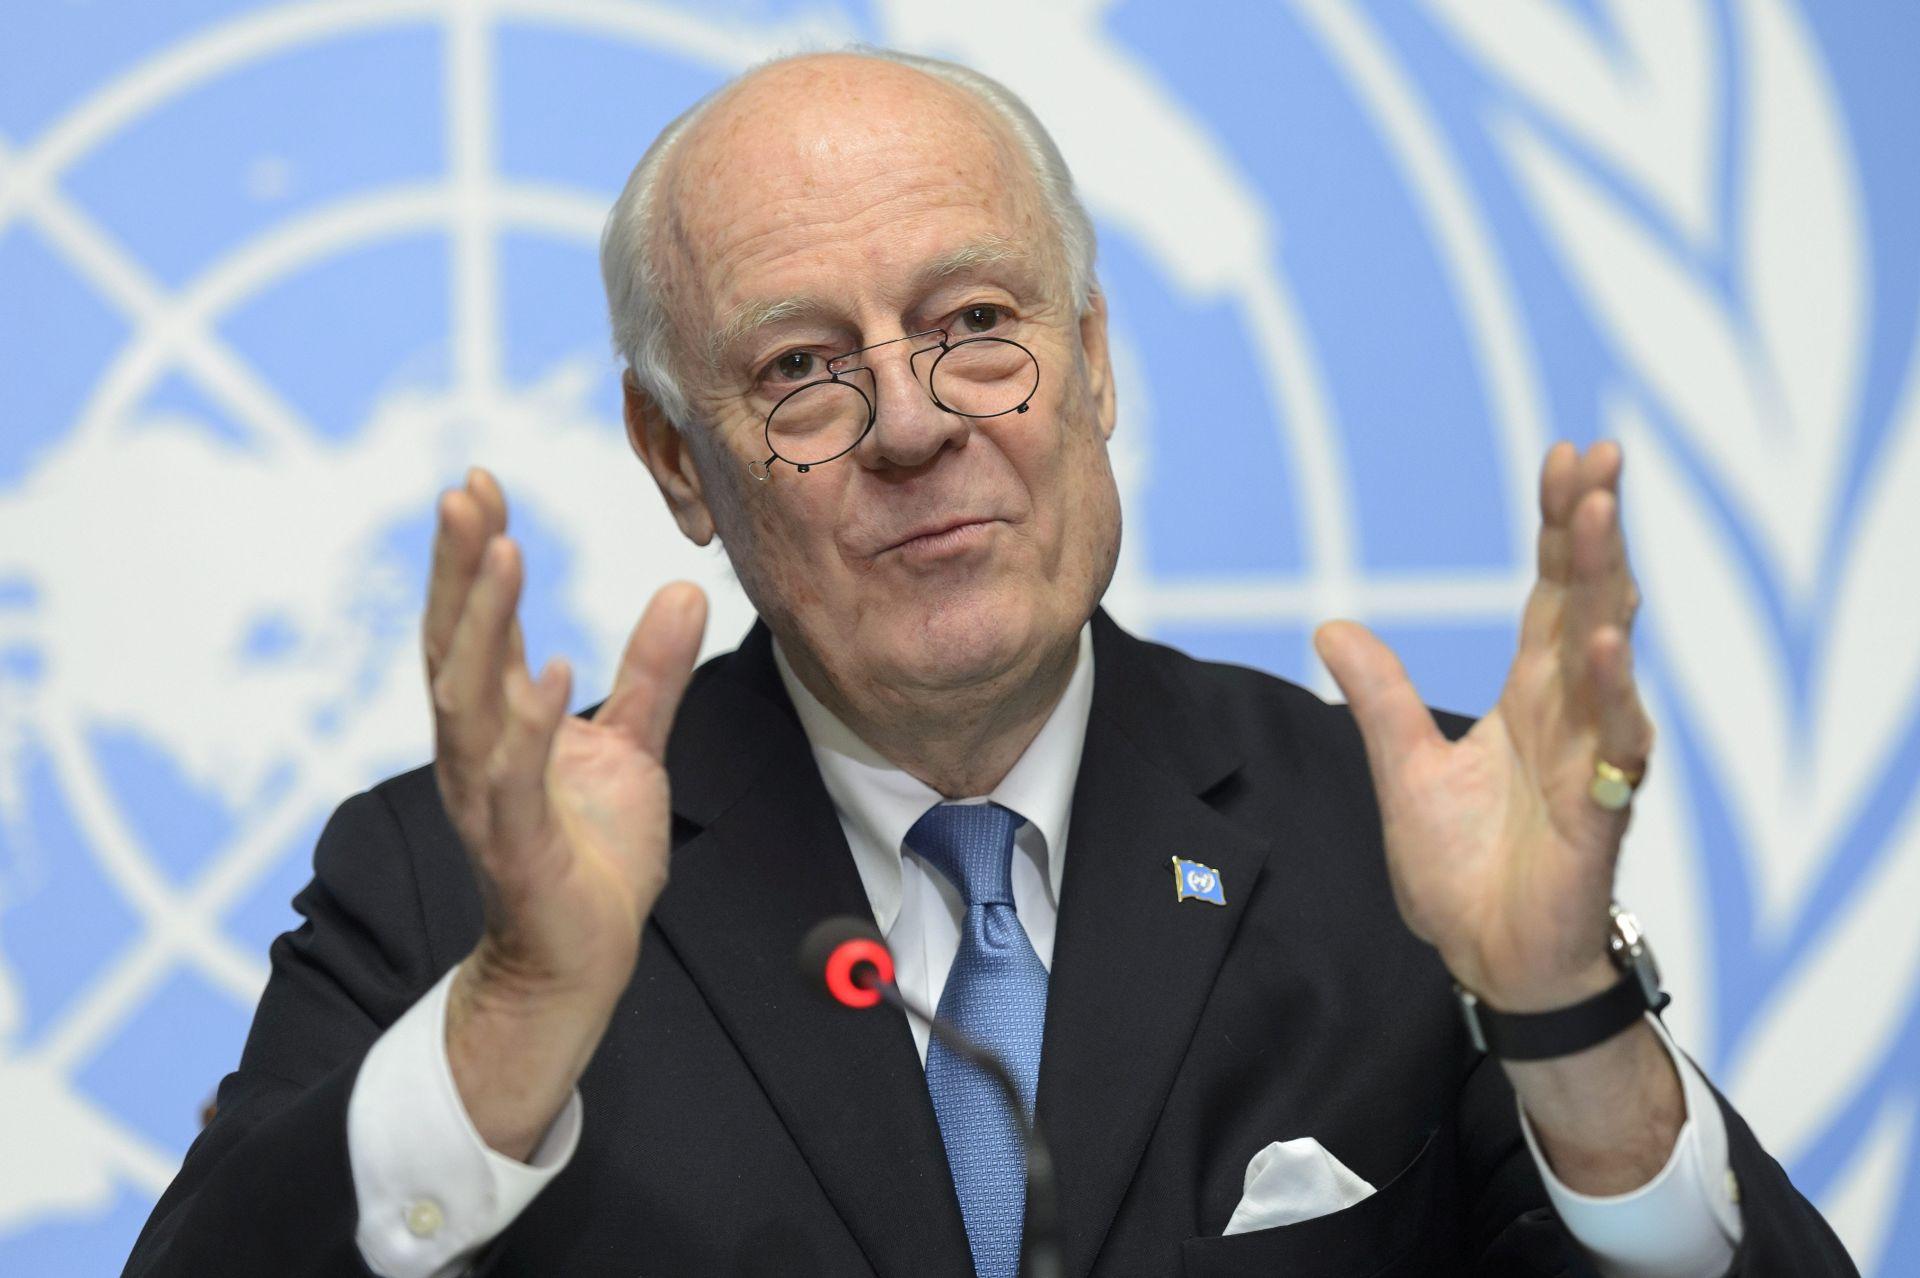 RAZGOVOR S LAVROVOM: Posebni izaslanik UN-a za Siriju Staffan de Mistura u utorak u Moskvi